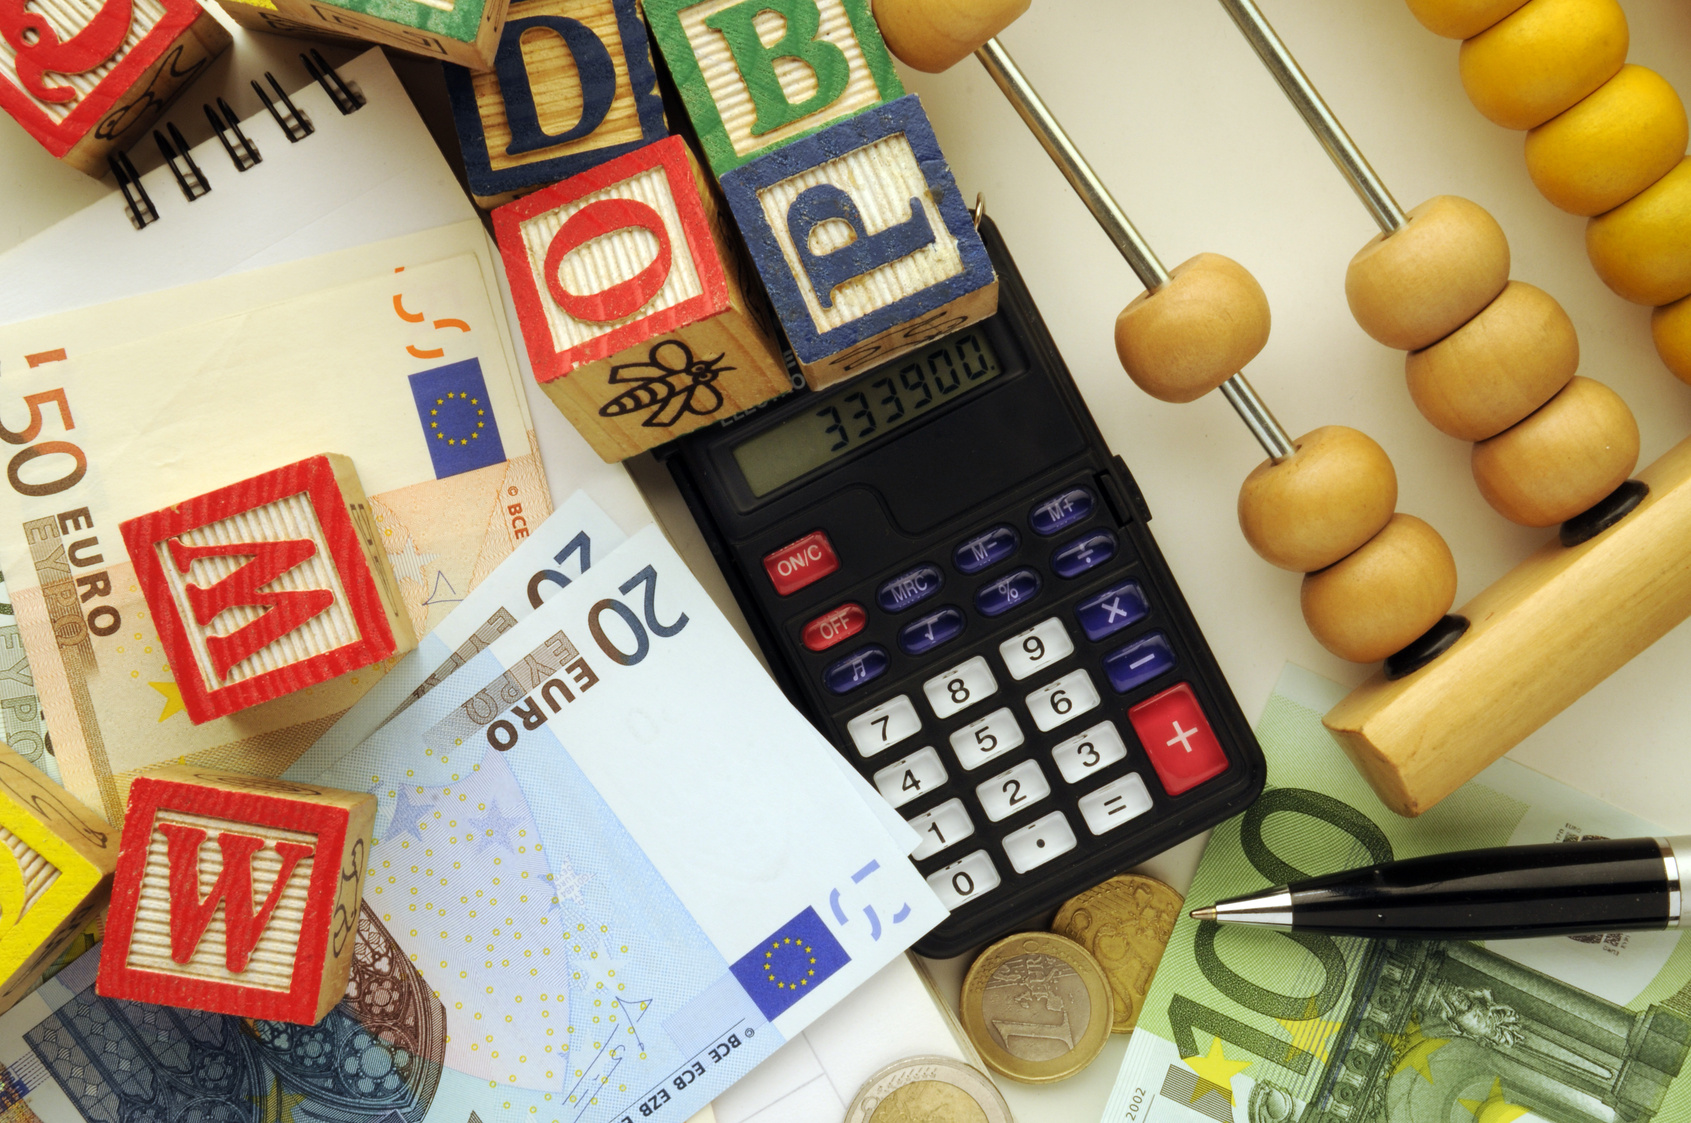 Detrazione per le Spese Scolastiche: i nuovi limiti